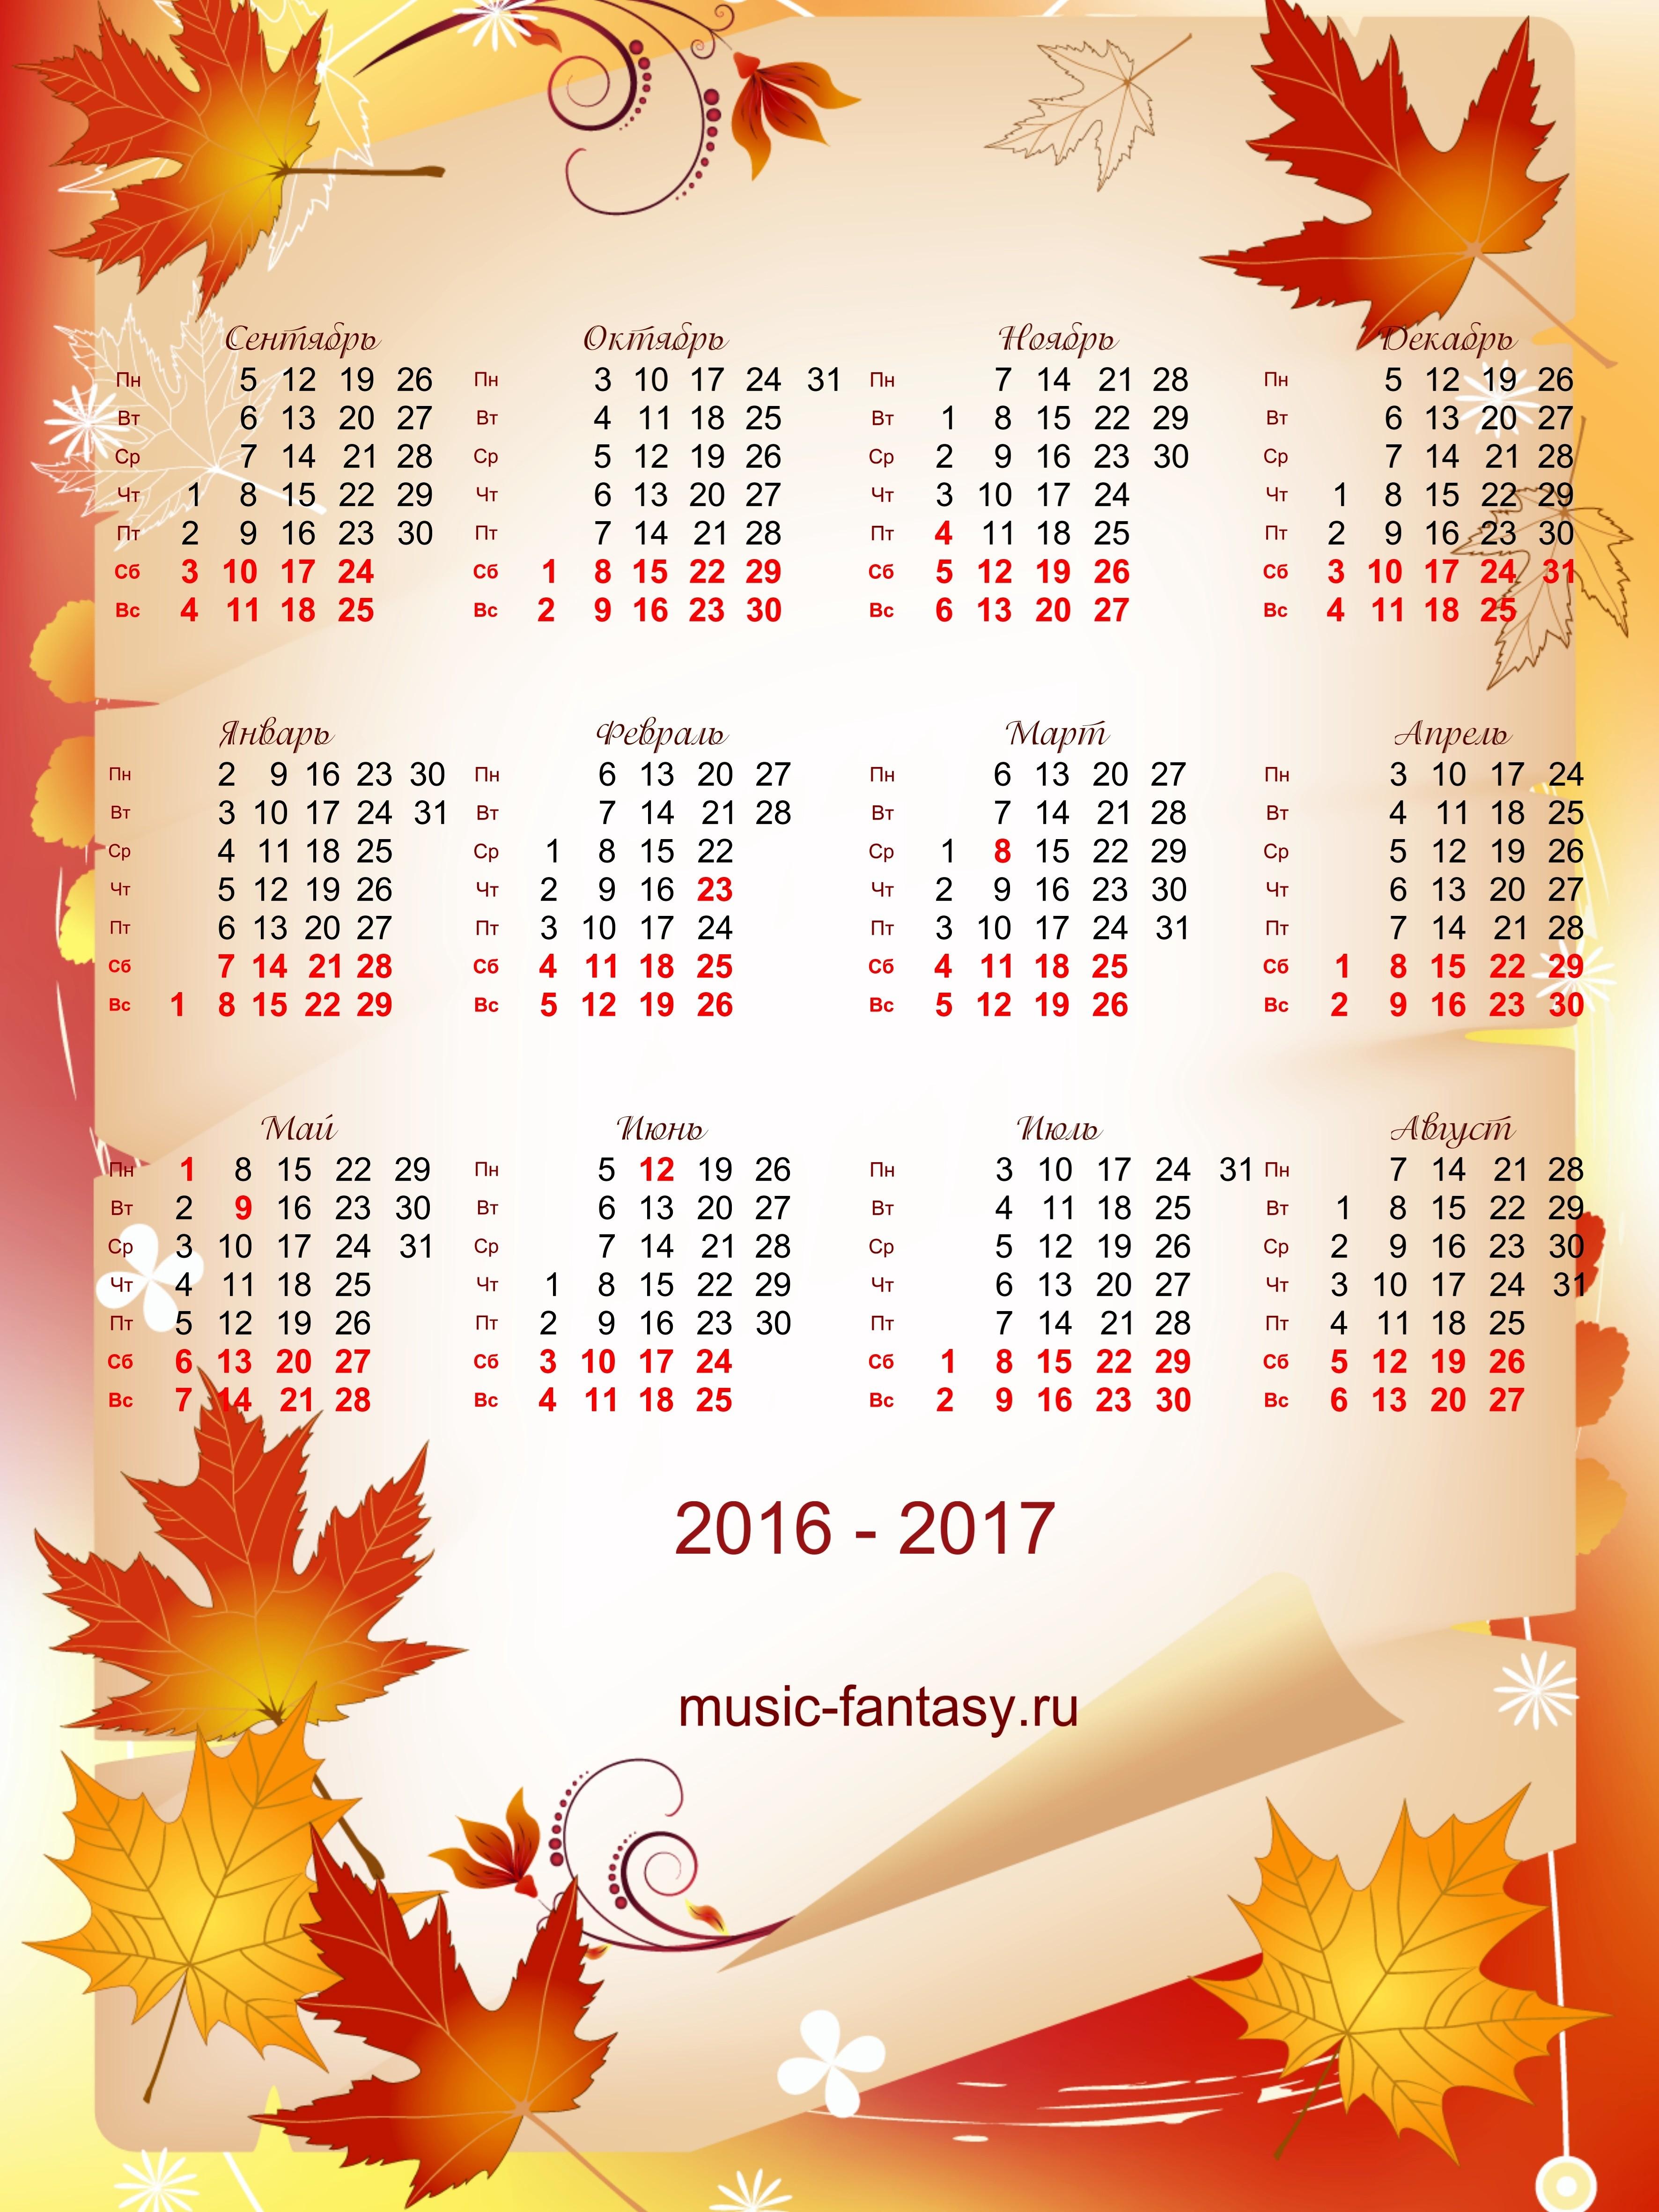 Календарь на 2016-2017 учебный год